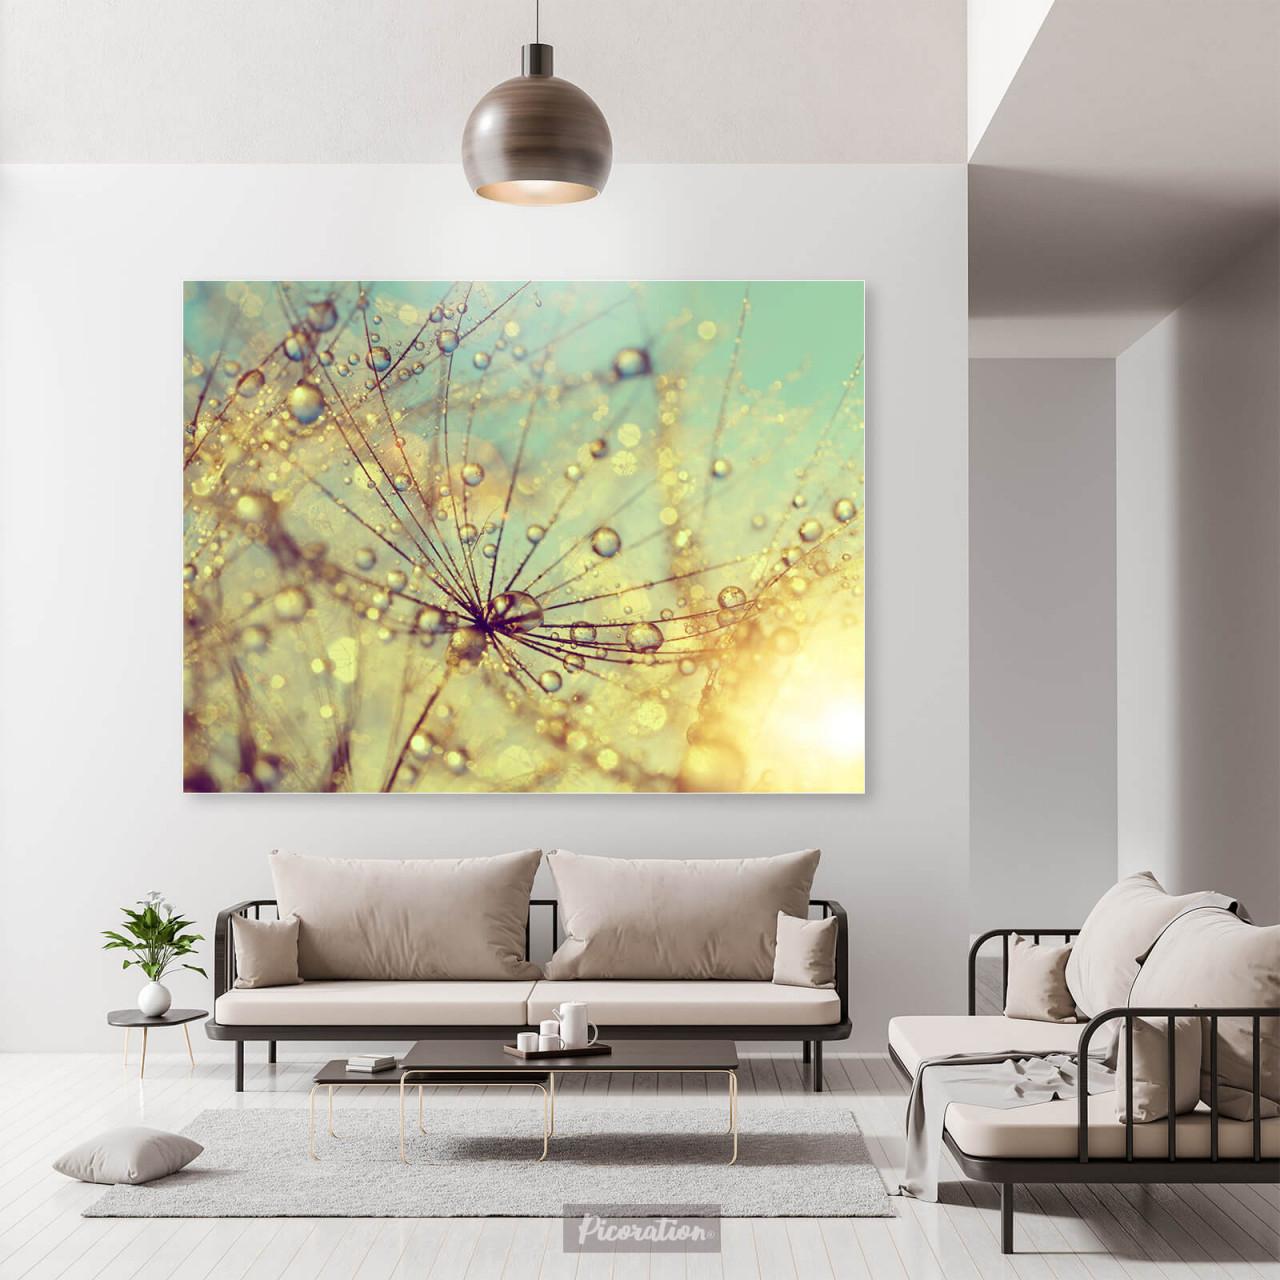 Wandbild Pusteblume Mit Wassertropfen Ab 100 X 75 Cm von Bilder Querformat Wohnzimmer Photo